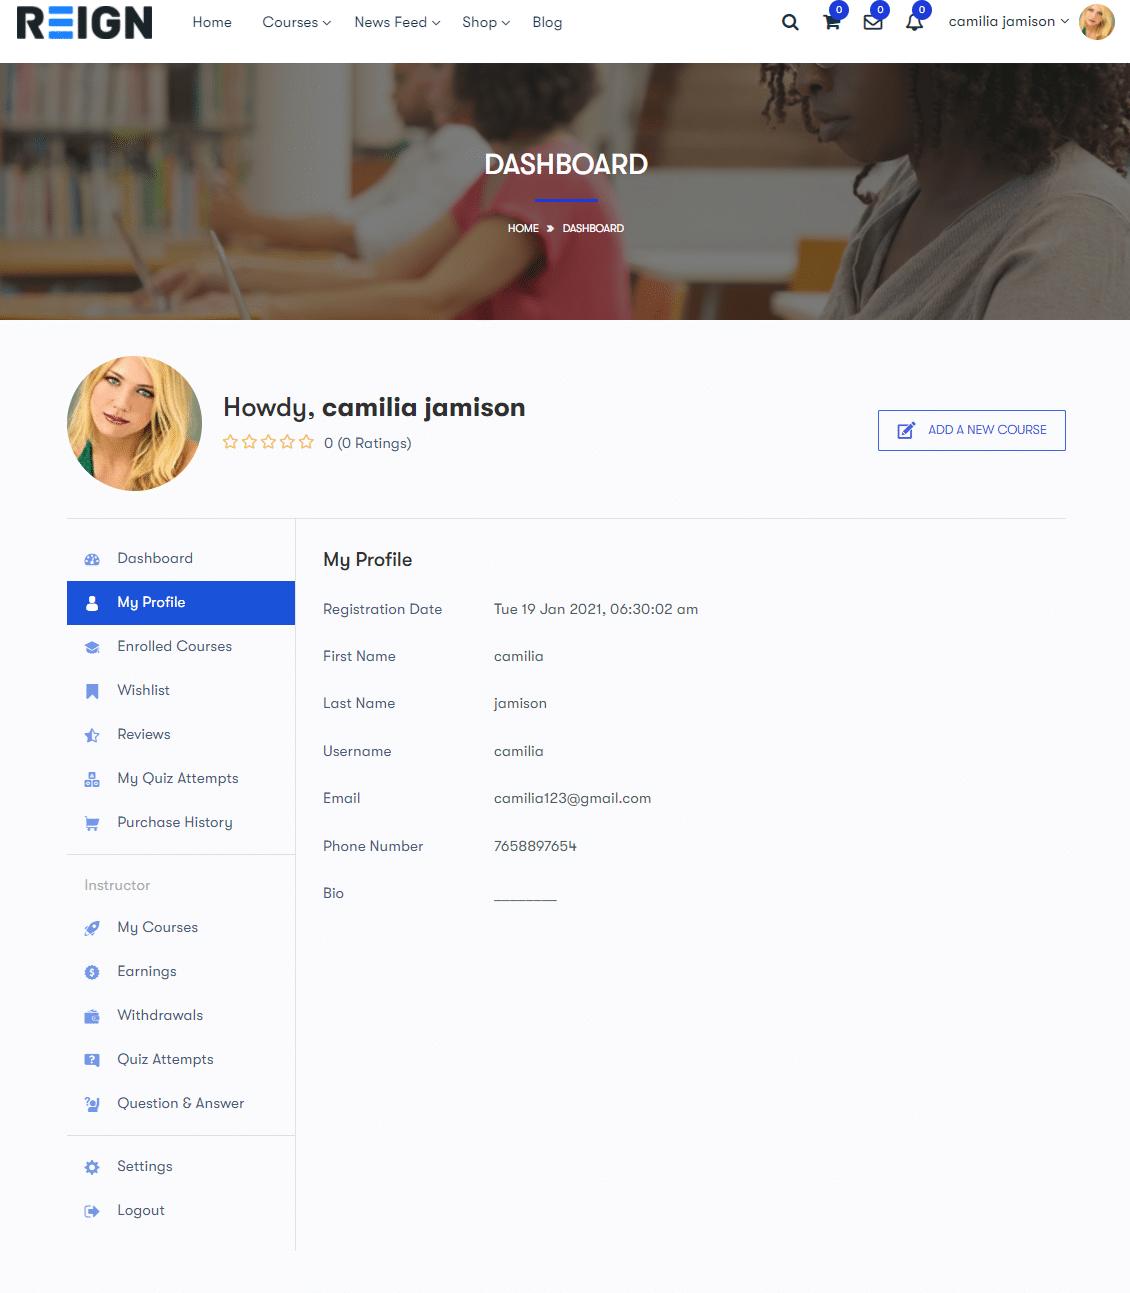 profile - Wbcom Designs